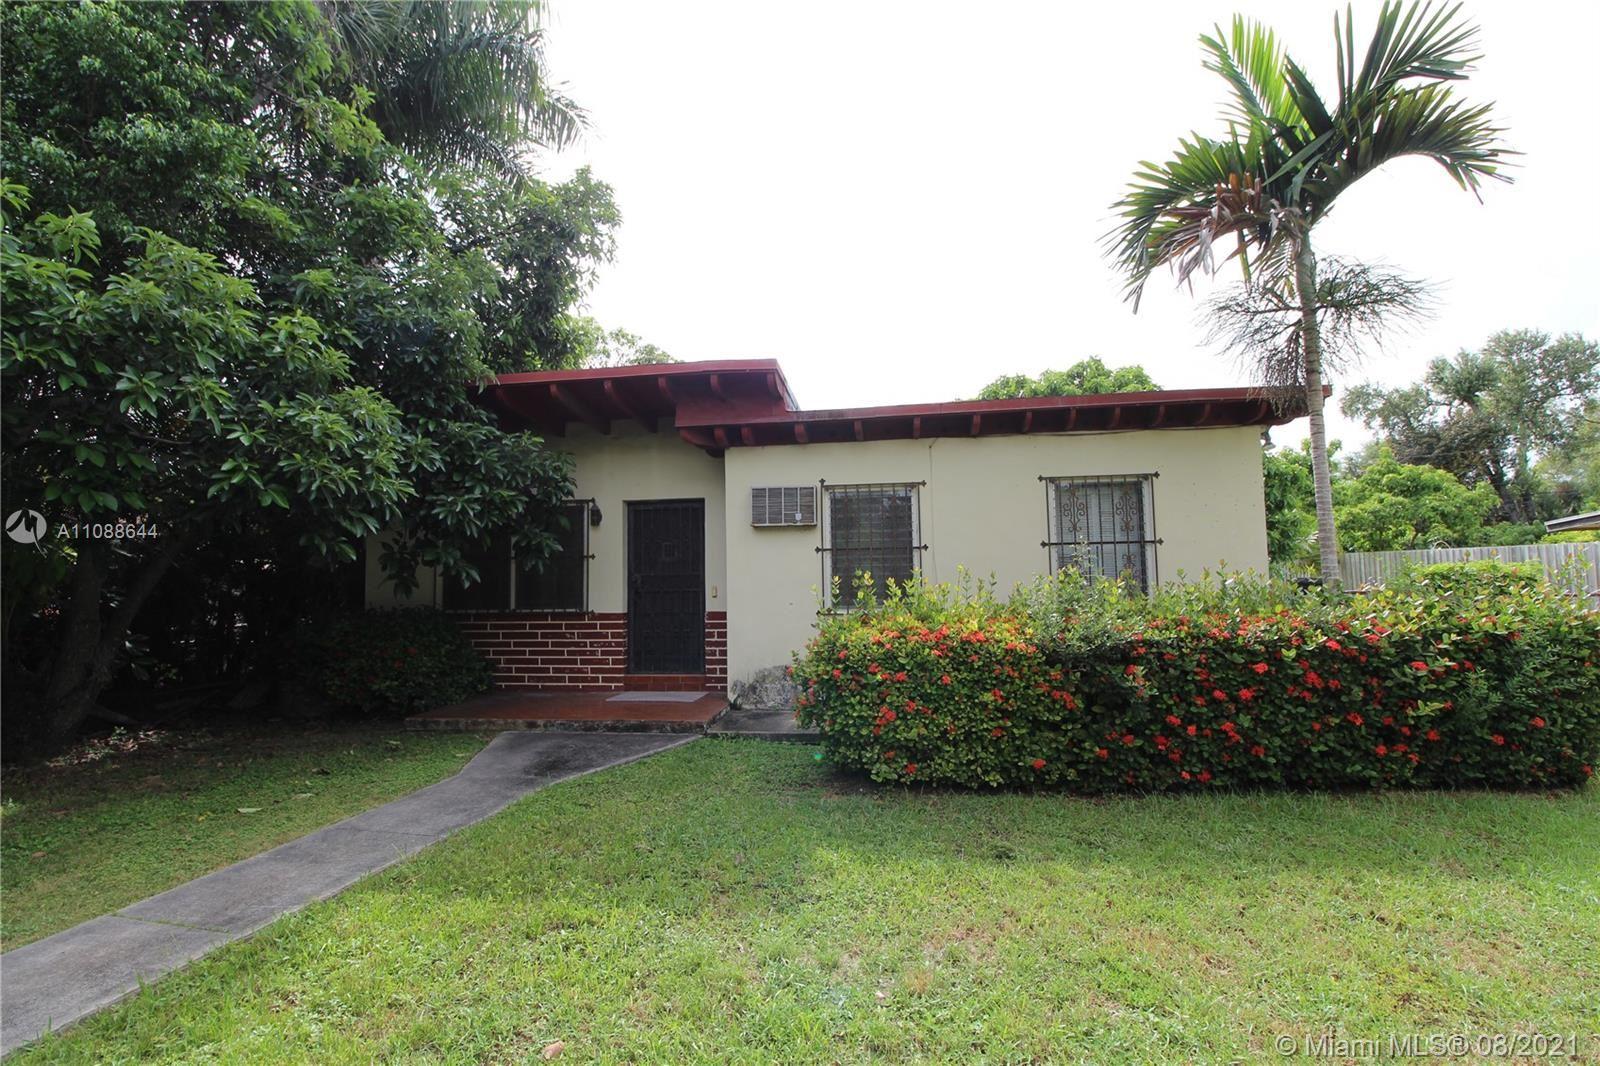 7902 SW 67th Ave, South Miami, FL 33143 - #: A11088644